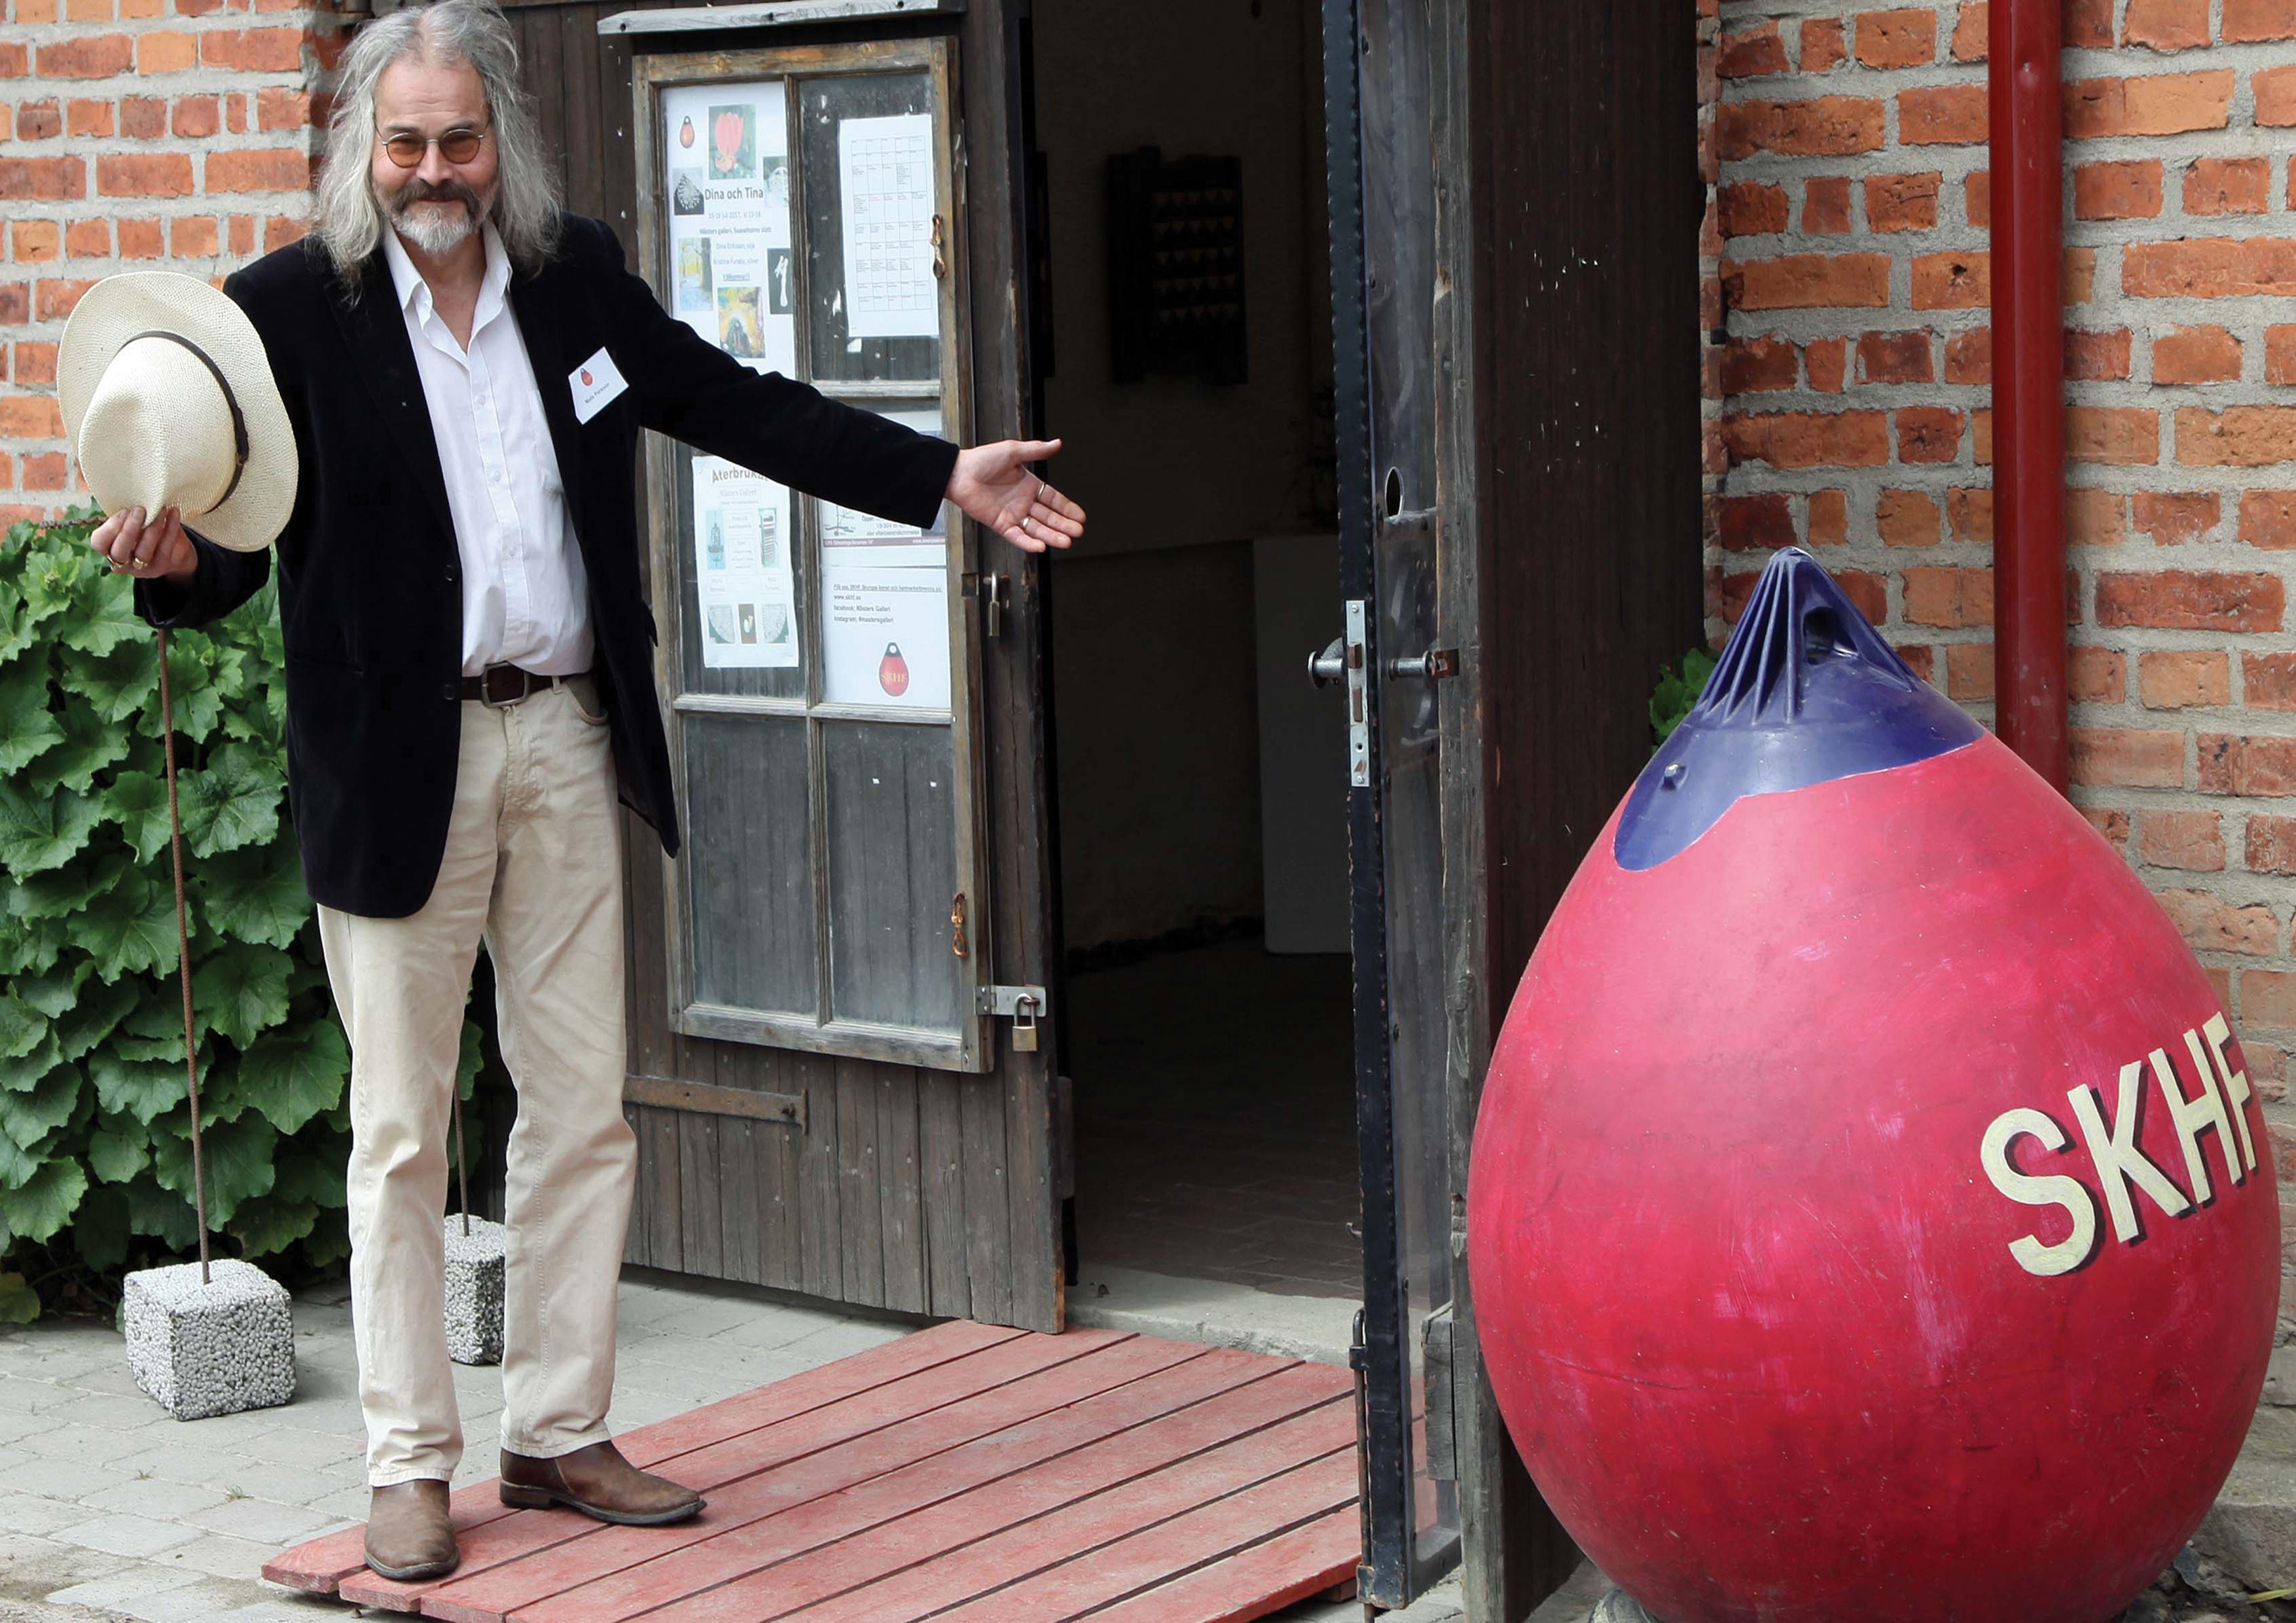 Även i år blir det samlingsutställning på Mästers galleri vid Svaneholms slott.  33 konstnärer och konsthantverkare från SKHF deltar i årets konstrunda. Utställning bjuder på varierande tekniker som olja, akvarell, akryl, keramik, foto, skulptur, tovning, tusch, smide, silver, glas och återbruk.